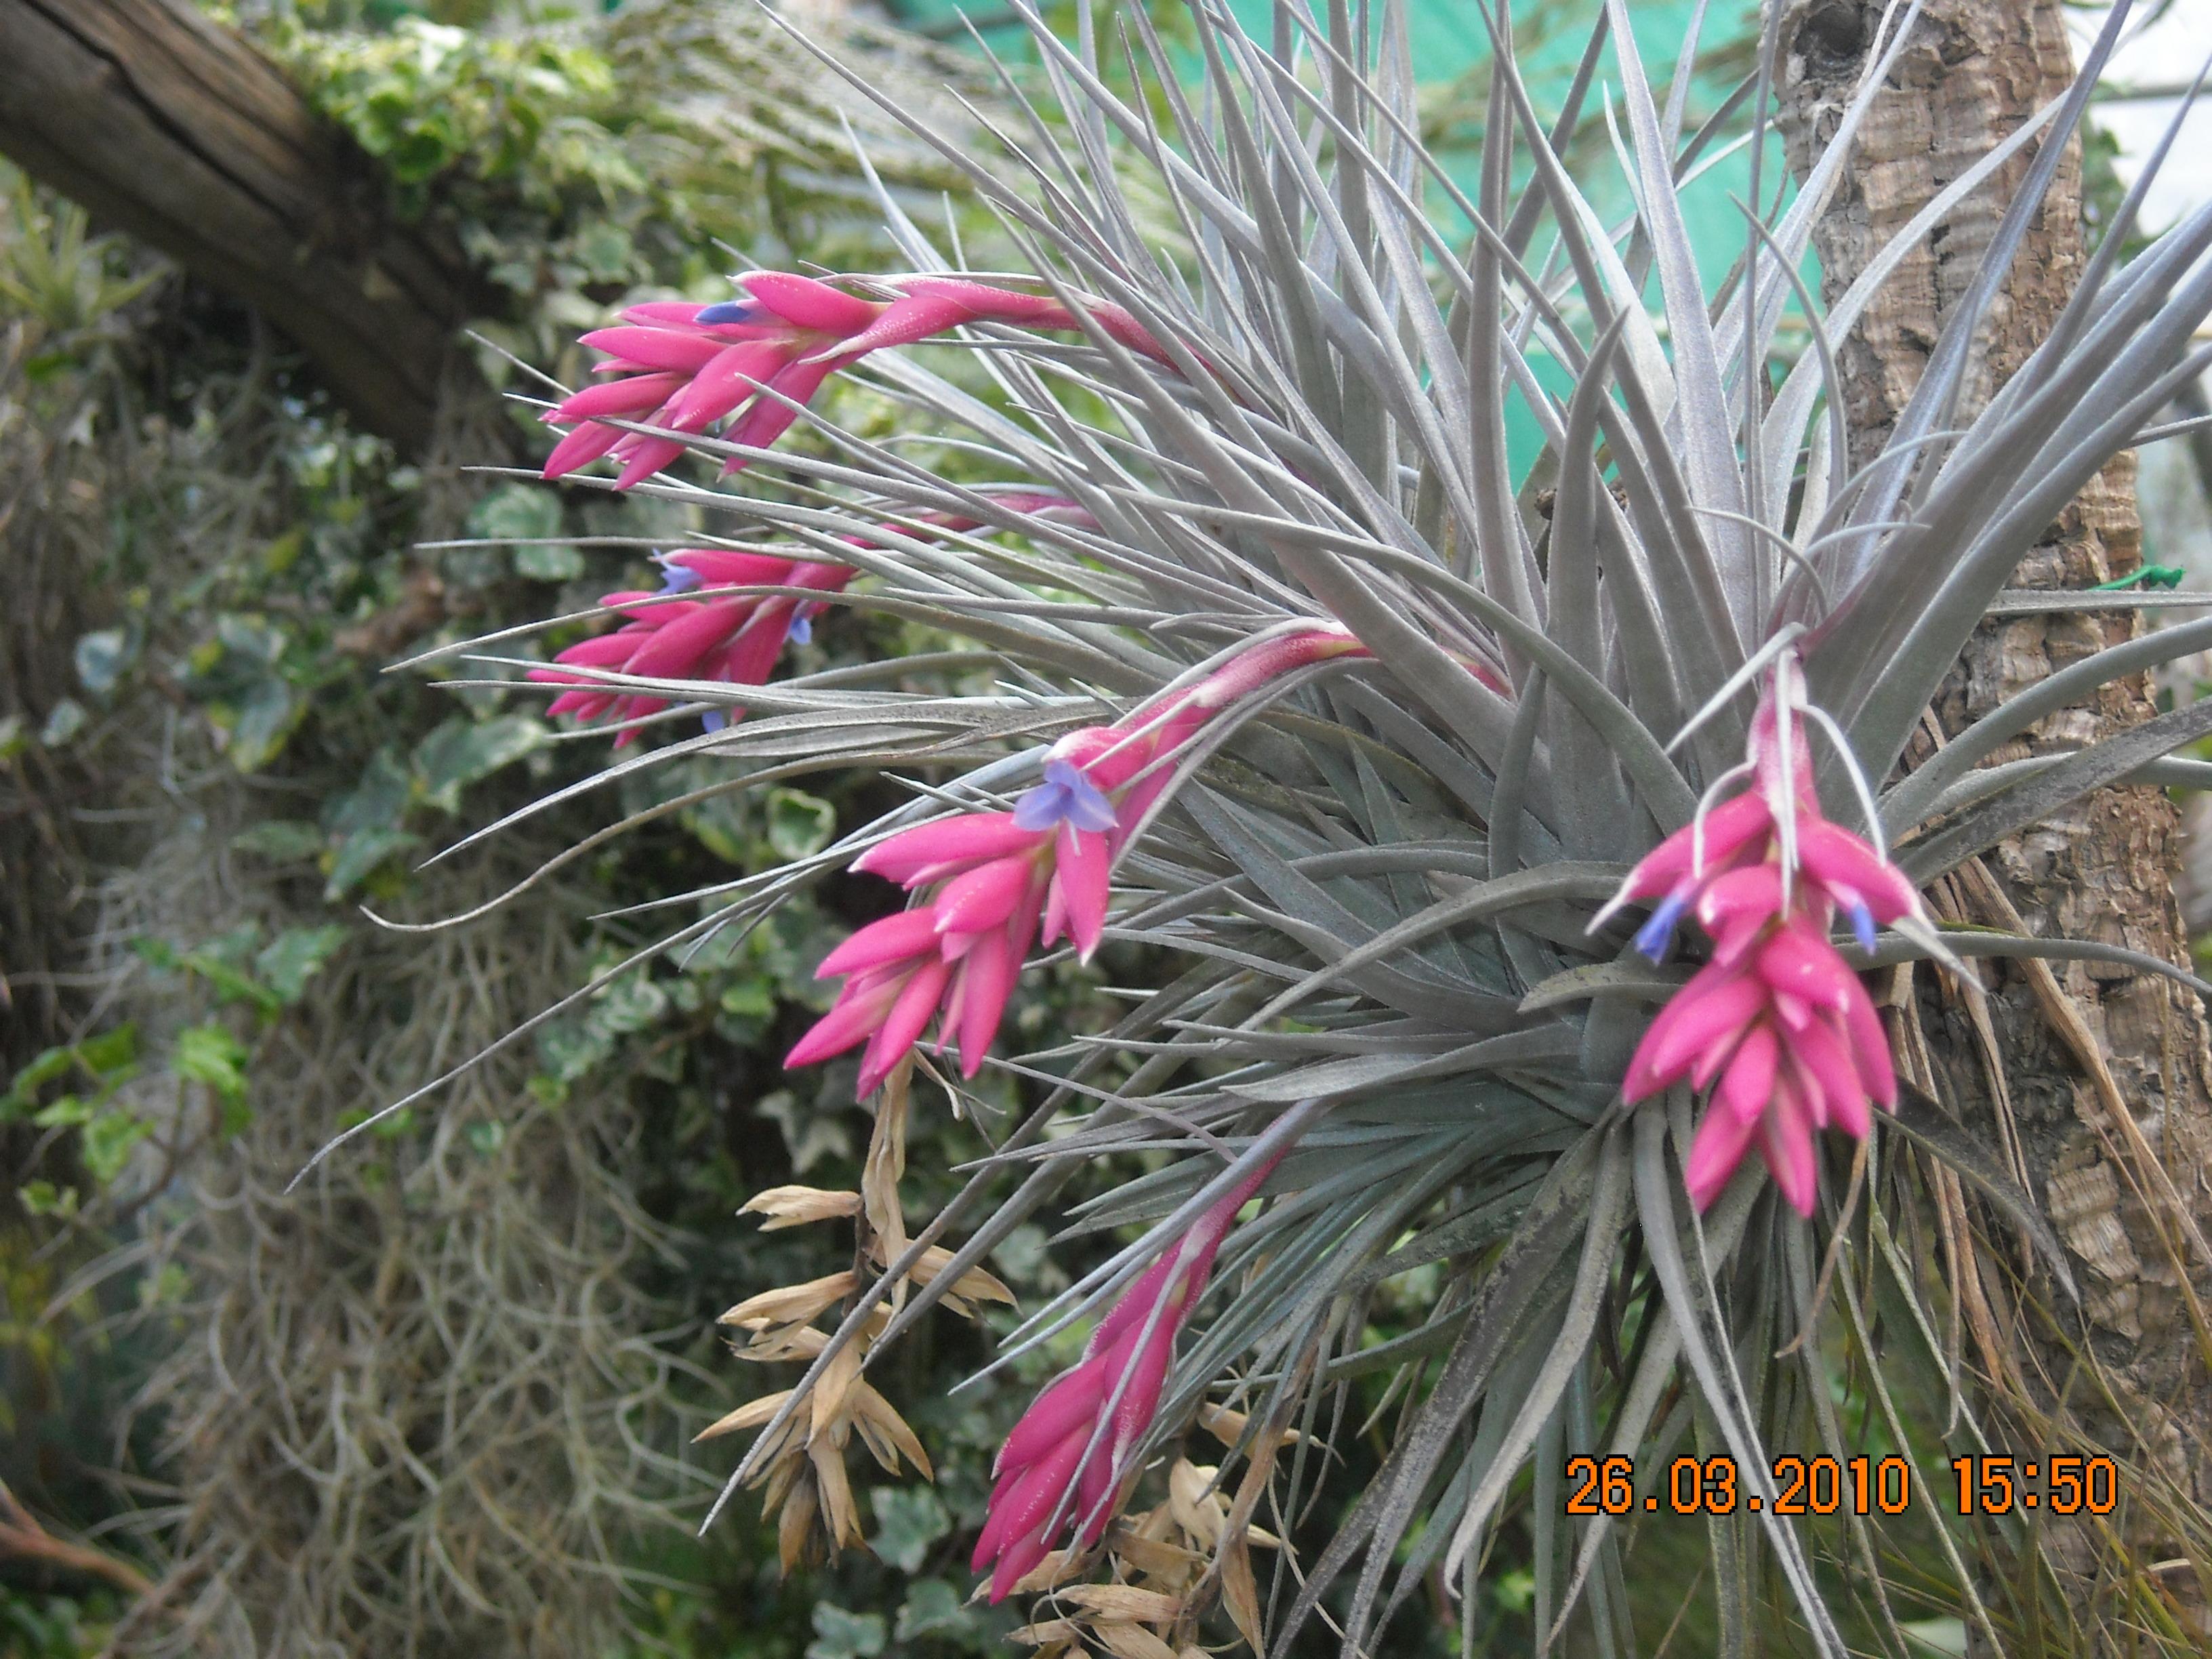 Galerie photos plantes piphytes tillandsias brom liac es for Vente de plantes